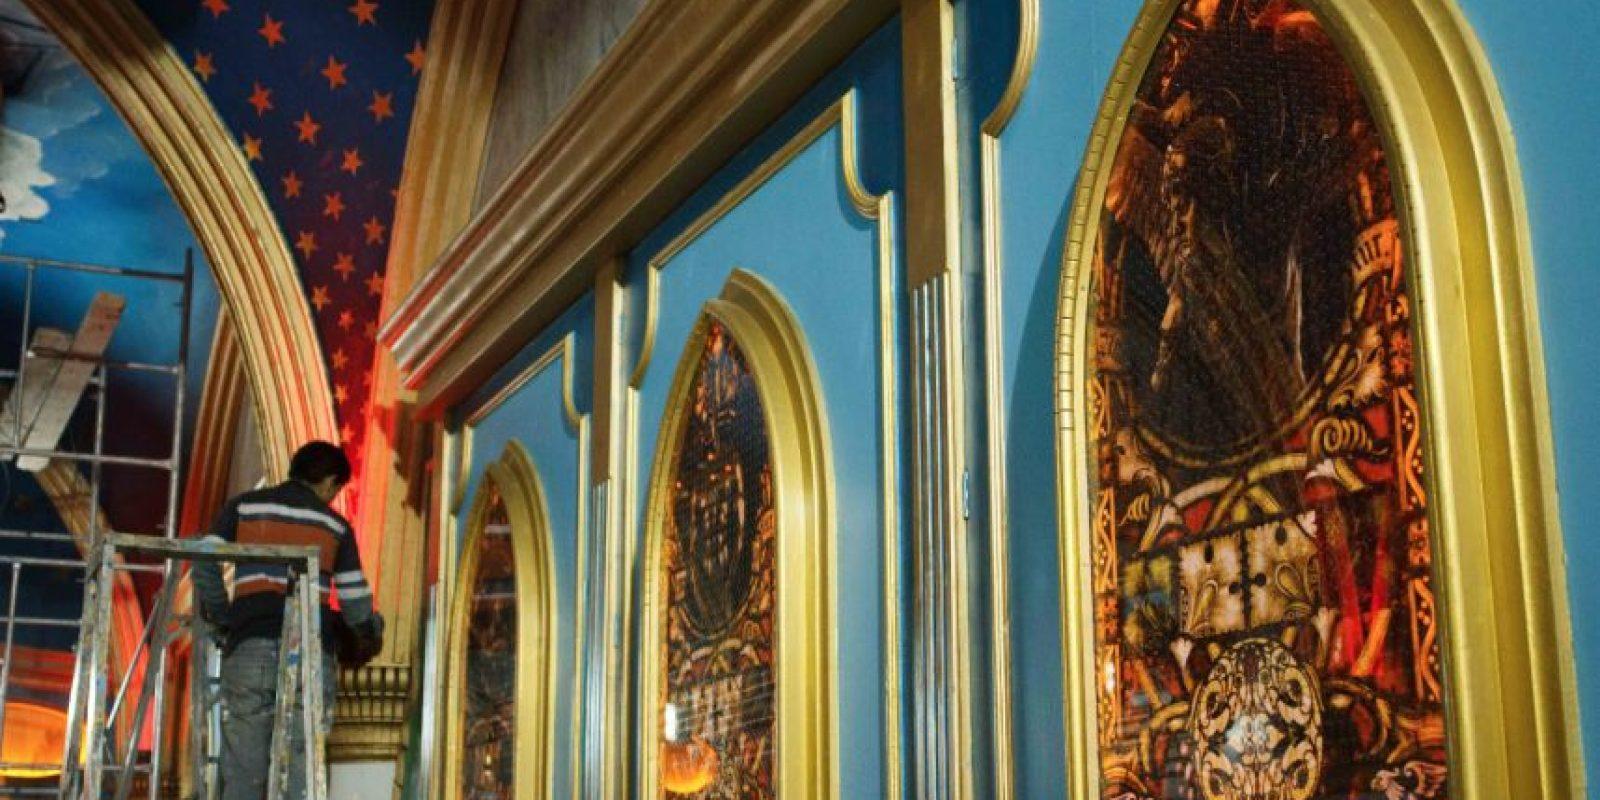 Inspirado en el arte gótico, barroco y de medieval. Foto:Juan Pablo Pino-Publimetro